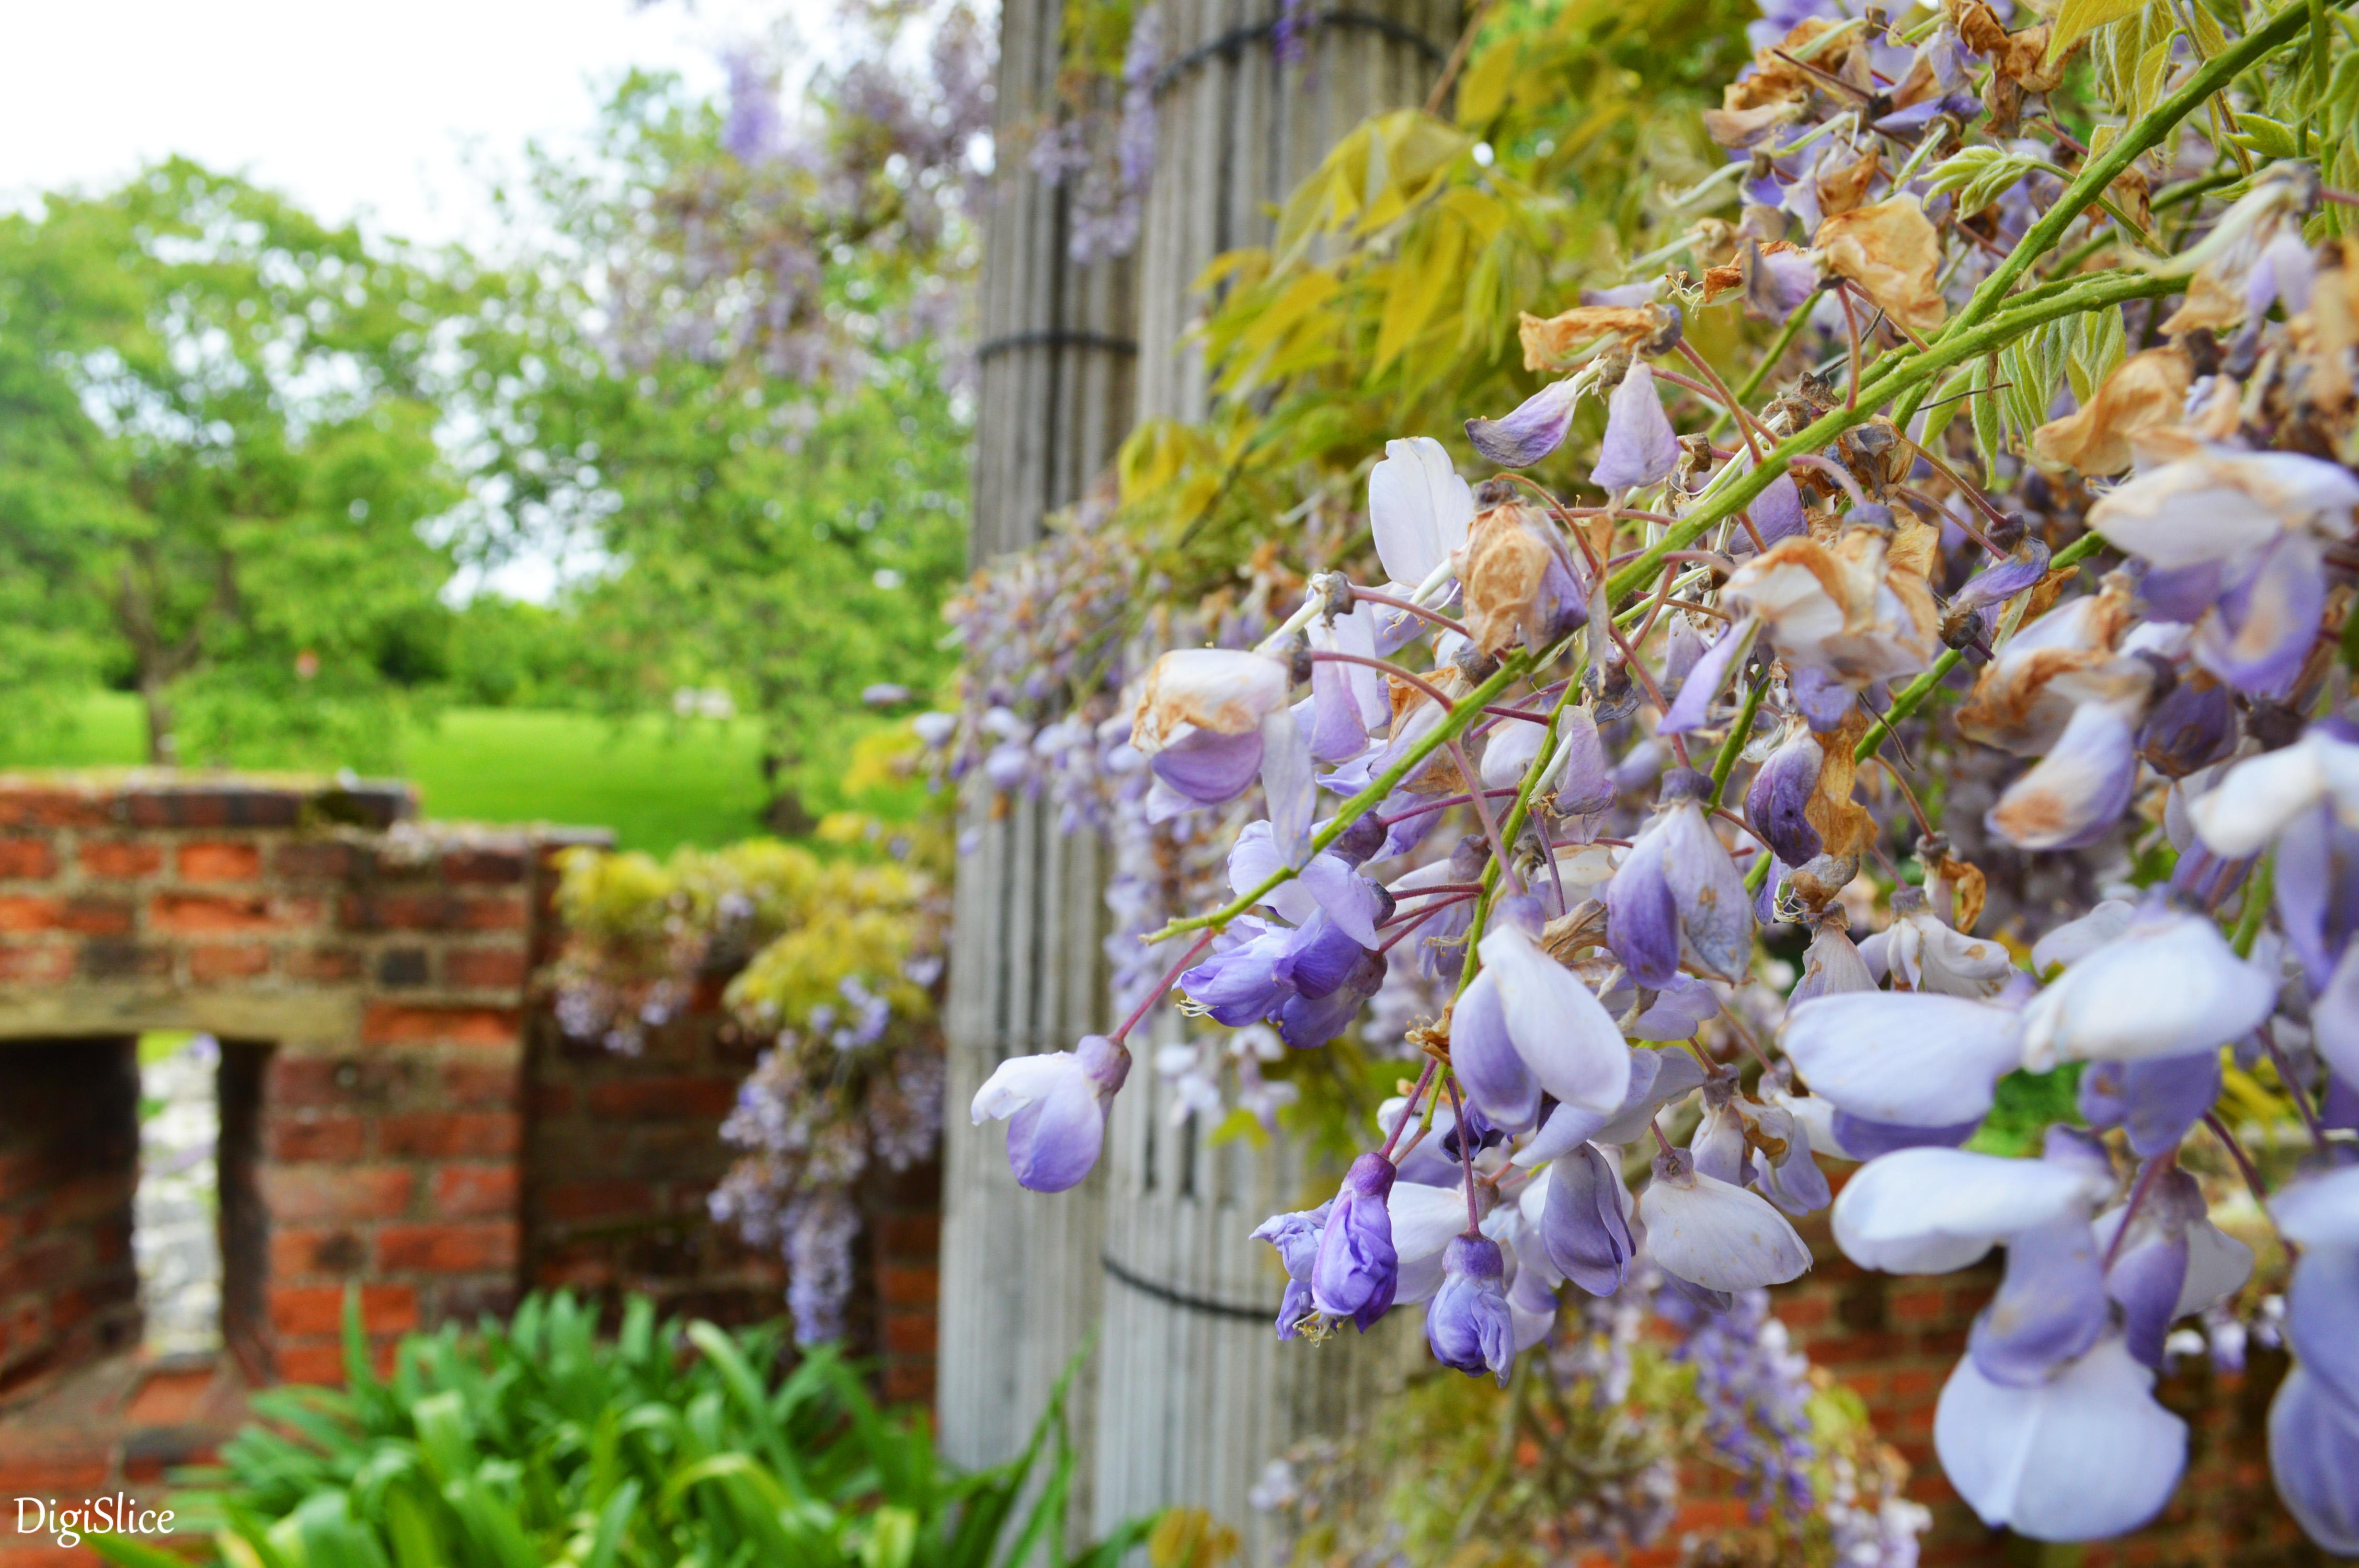 Eltham Palace garden